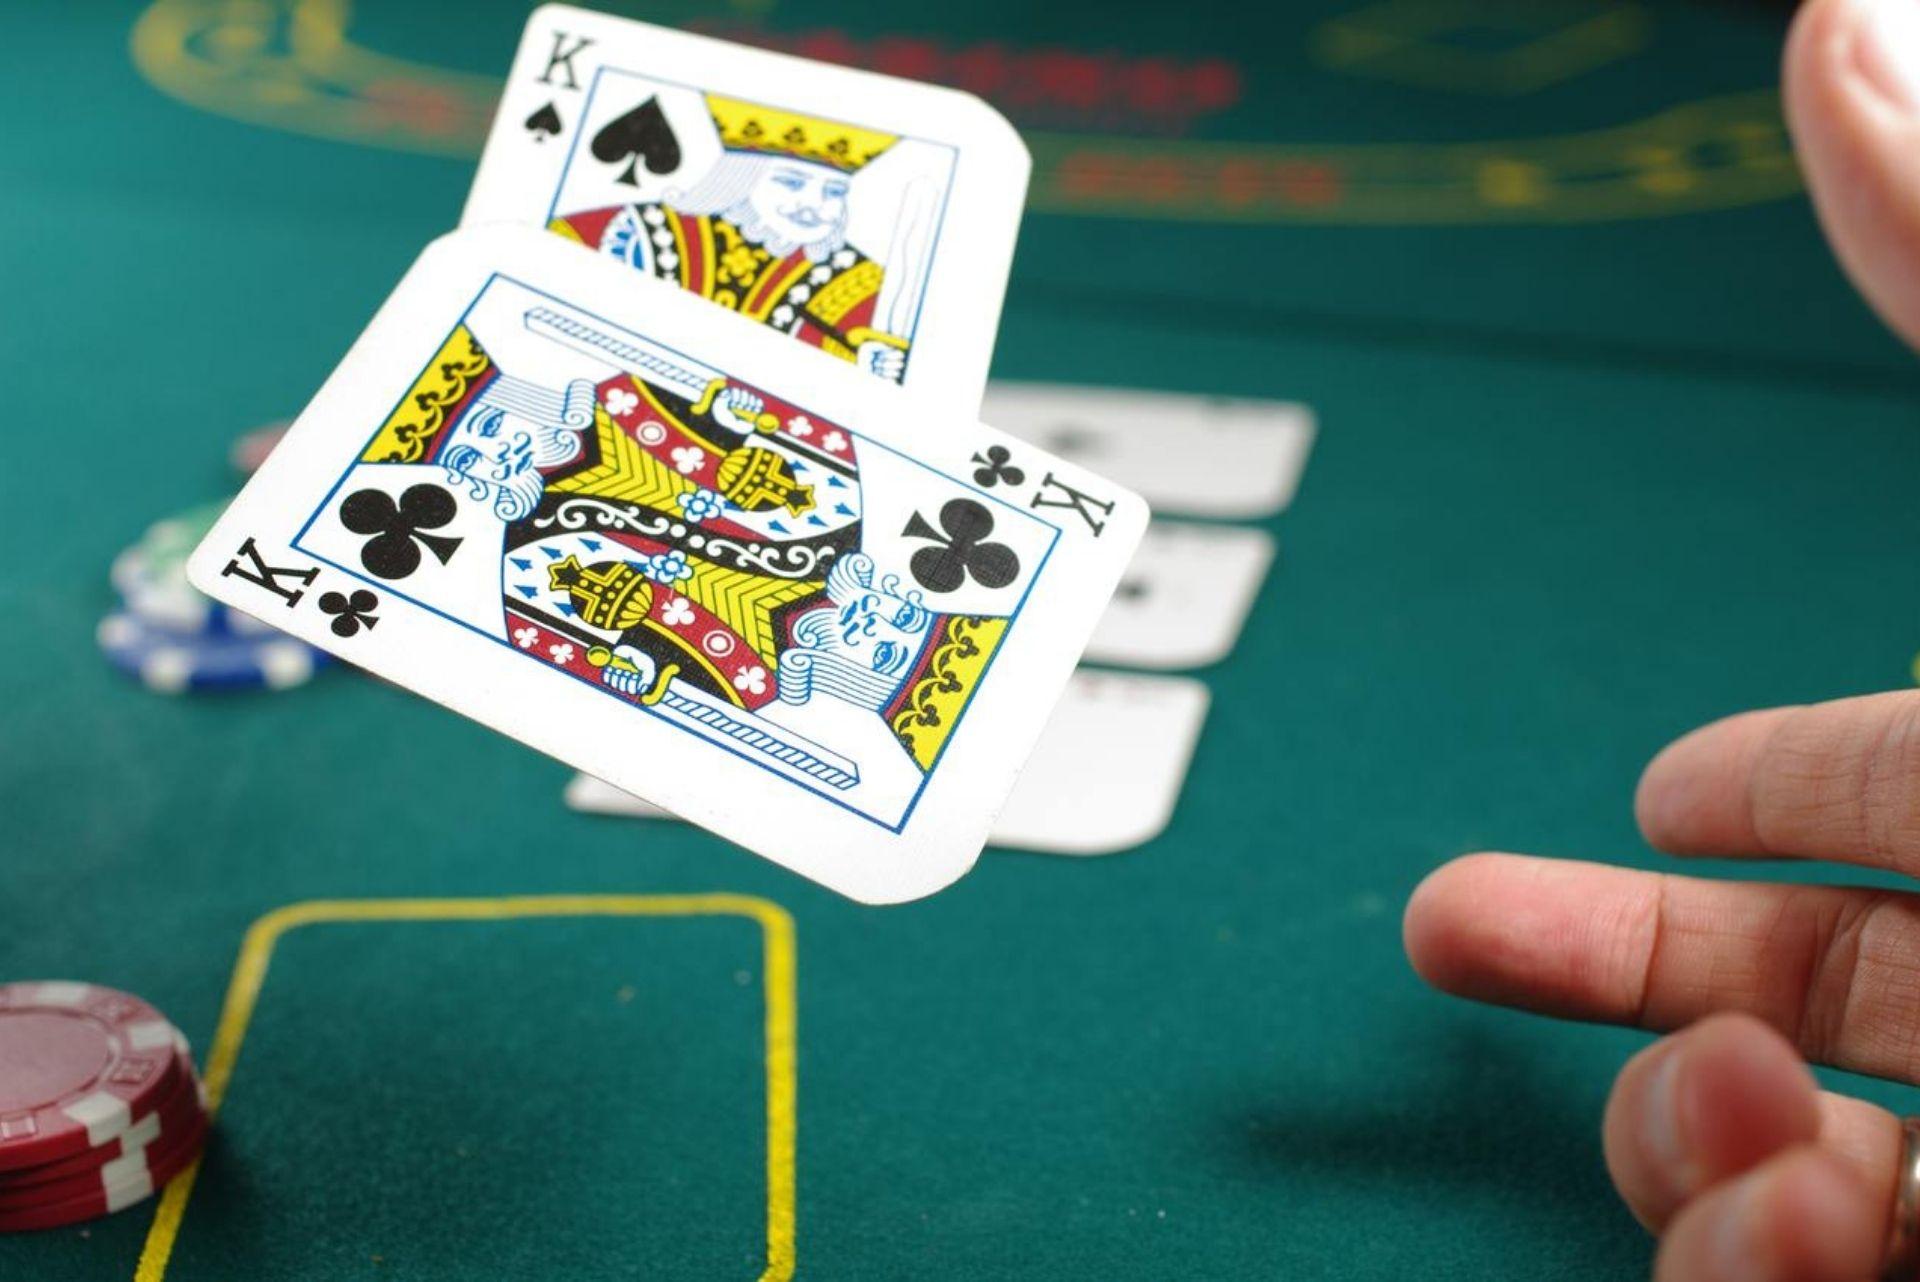 Quels critères prendre en considération pour choisir un casino virtuel ?